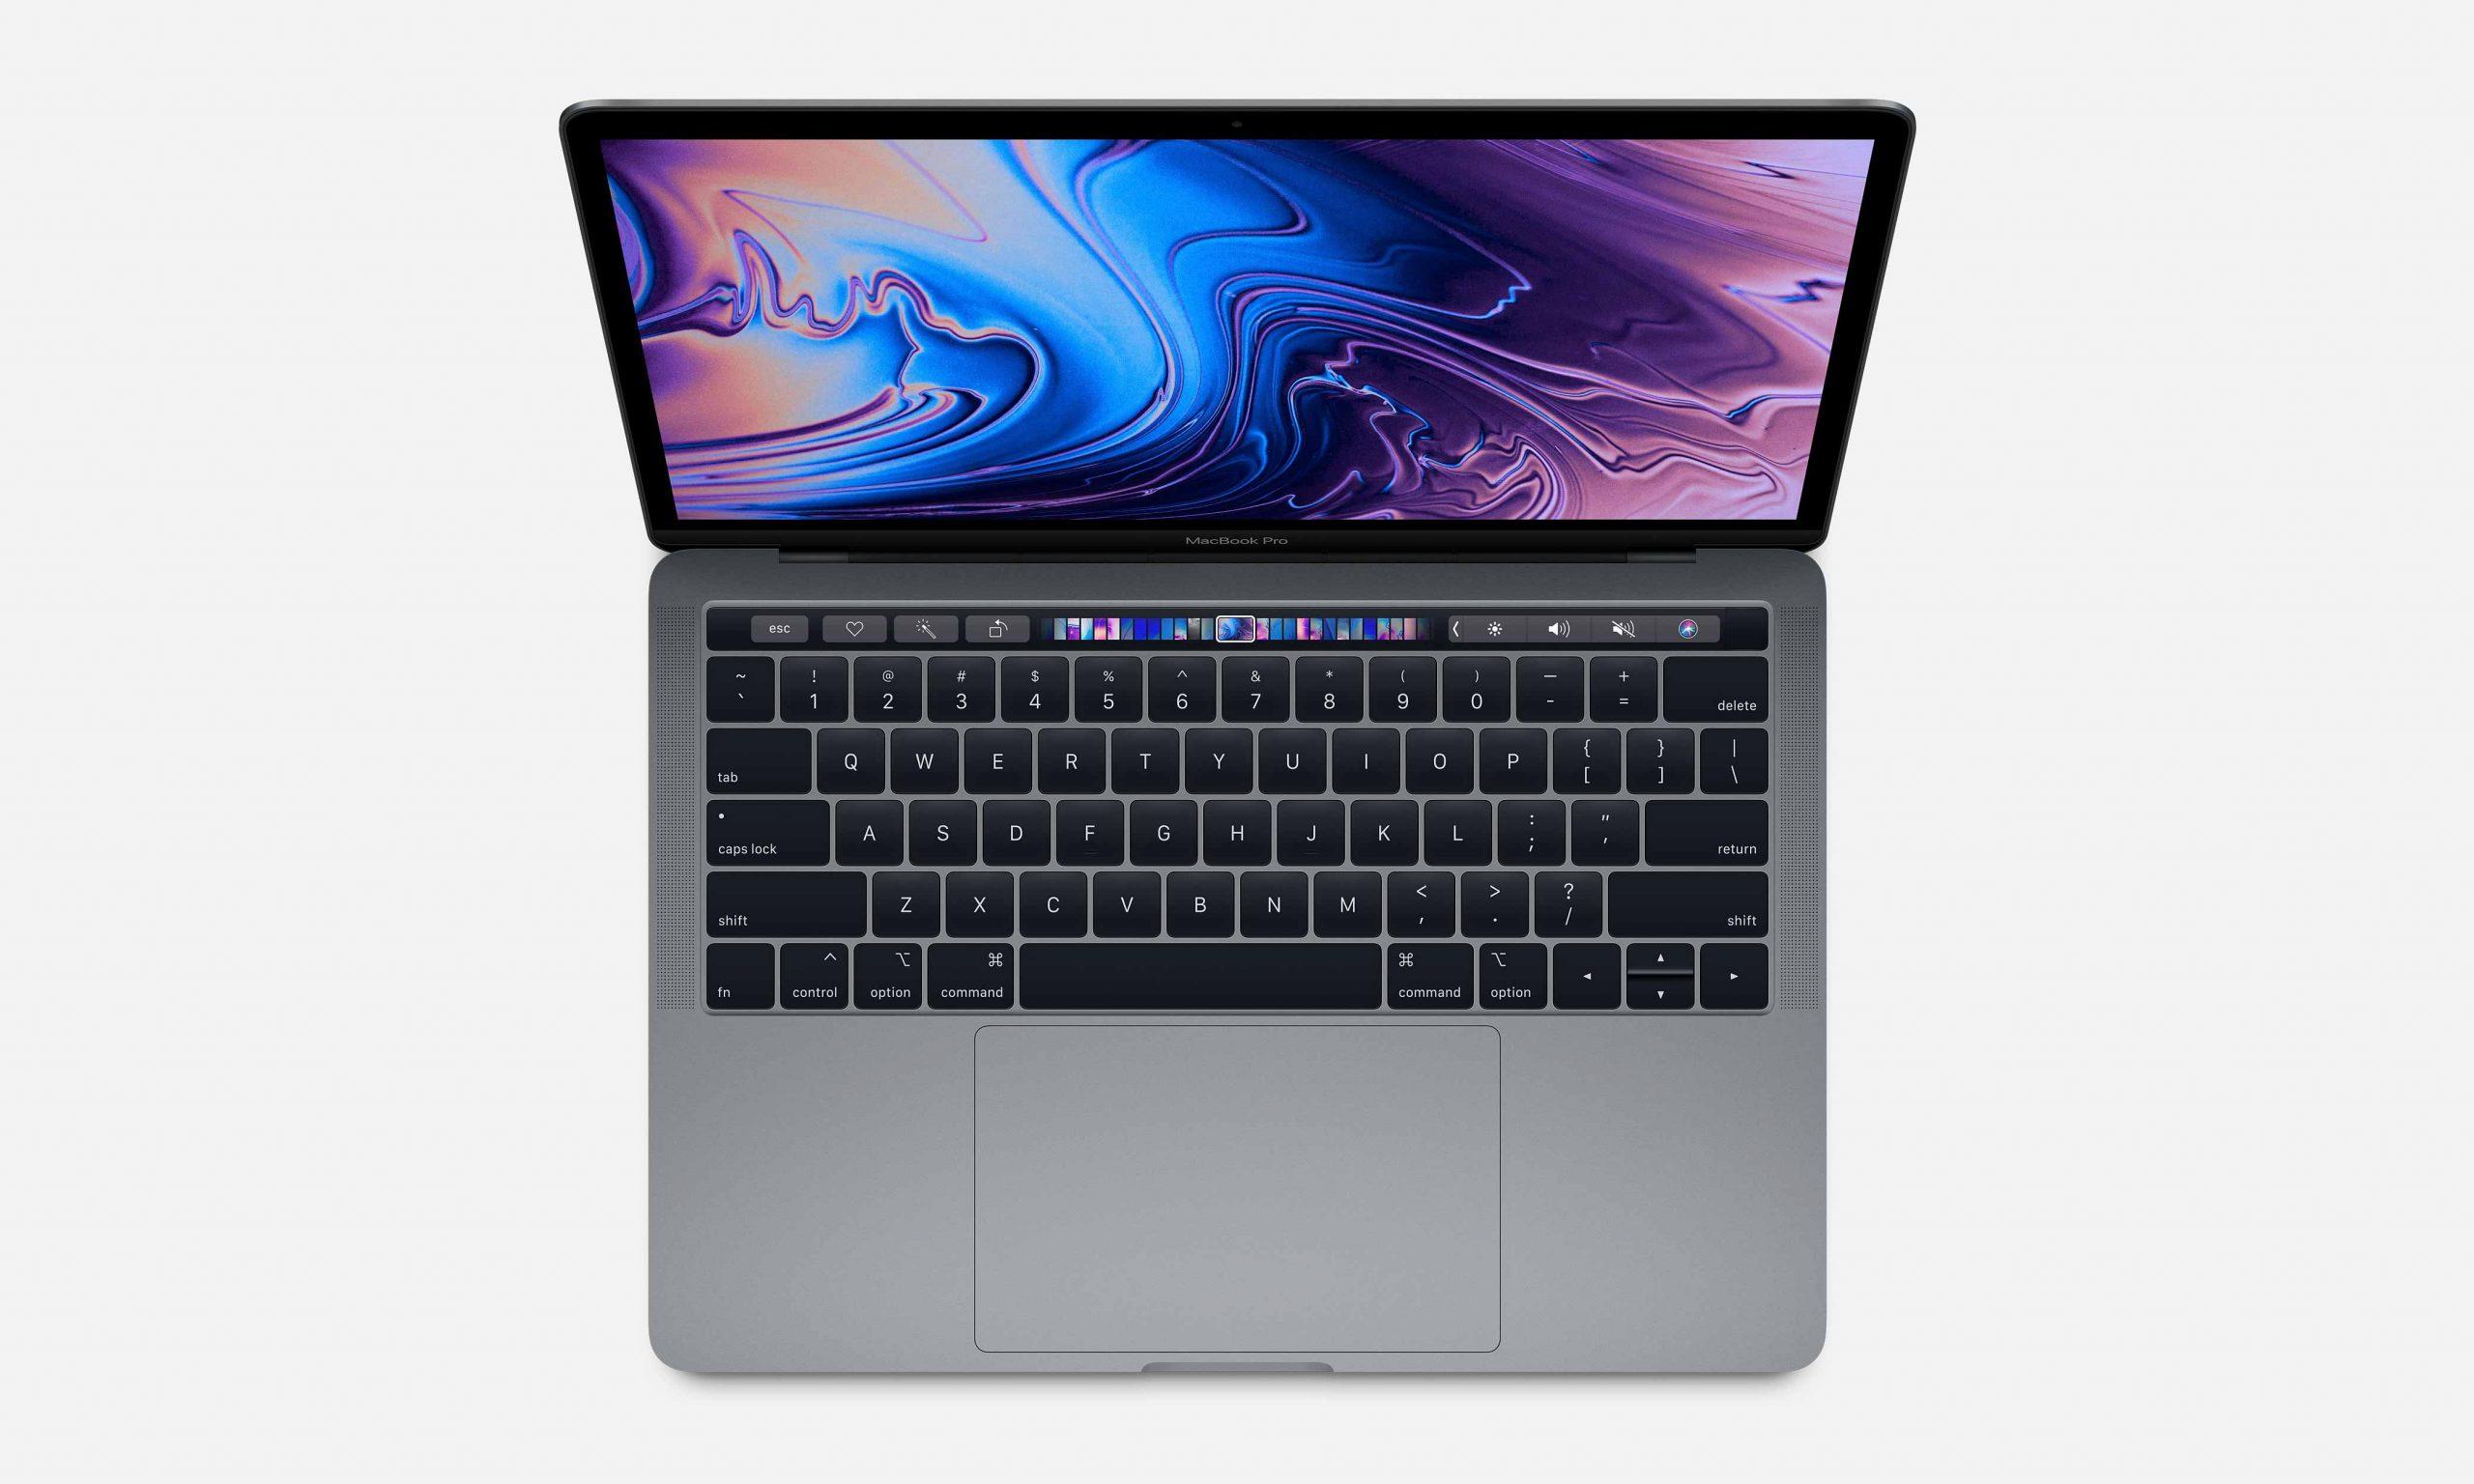 不止 iPhone,苹果或将于近期更新 Macbook Pro